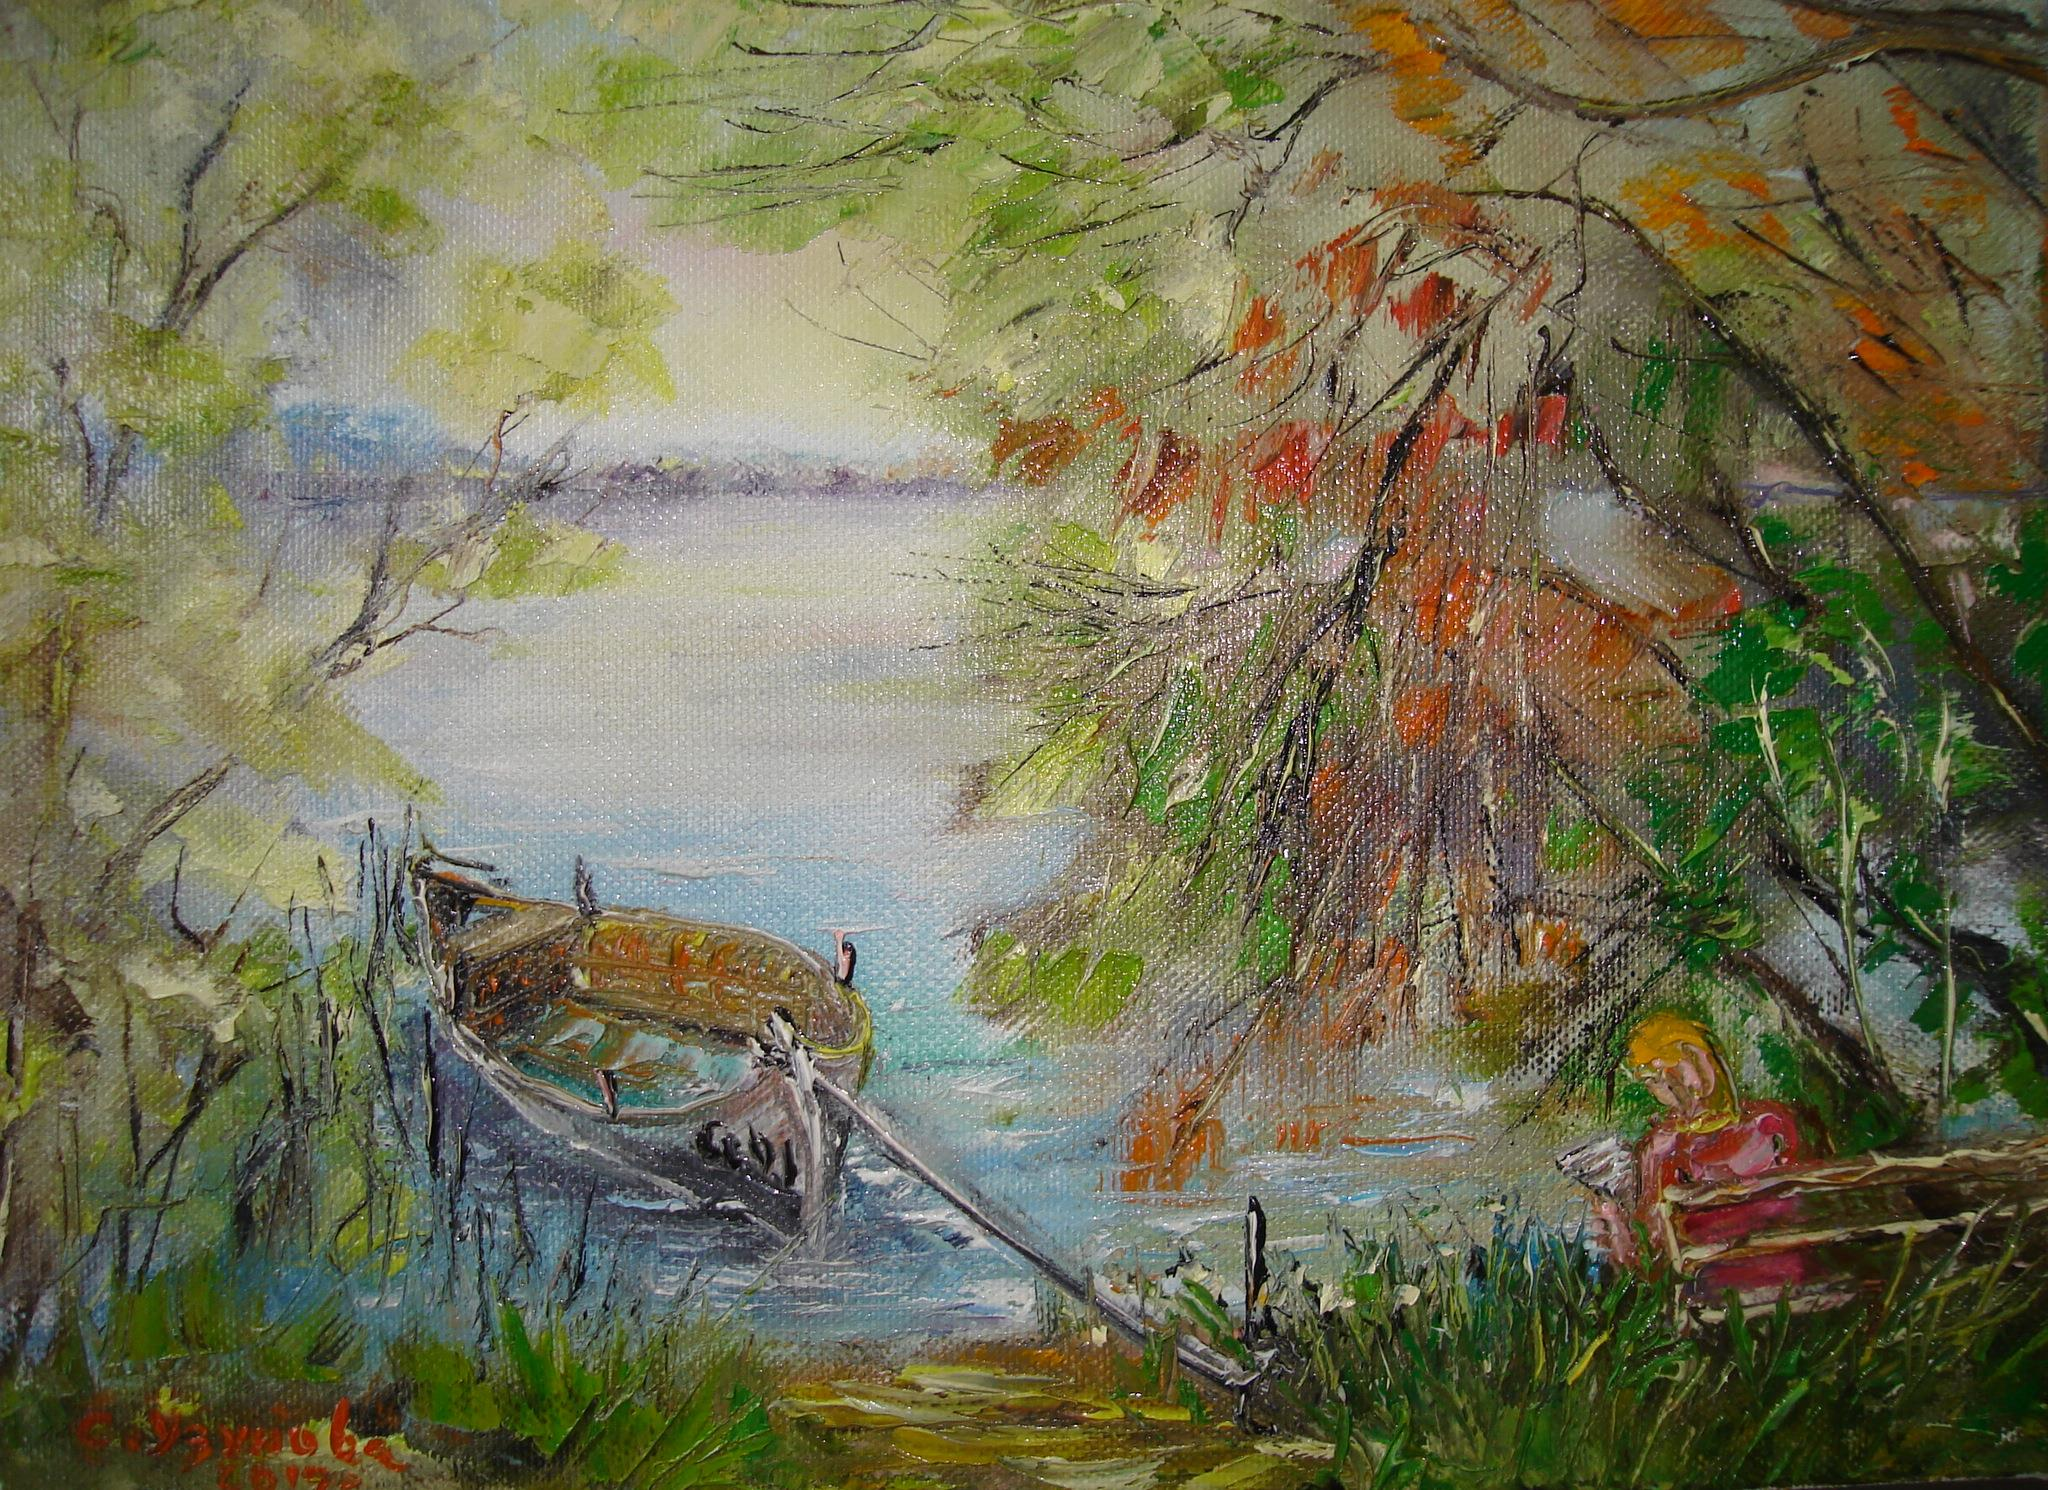 Дунавска романтика (2017). Маслени бои върху платно. Размери 27/22 см (налична)